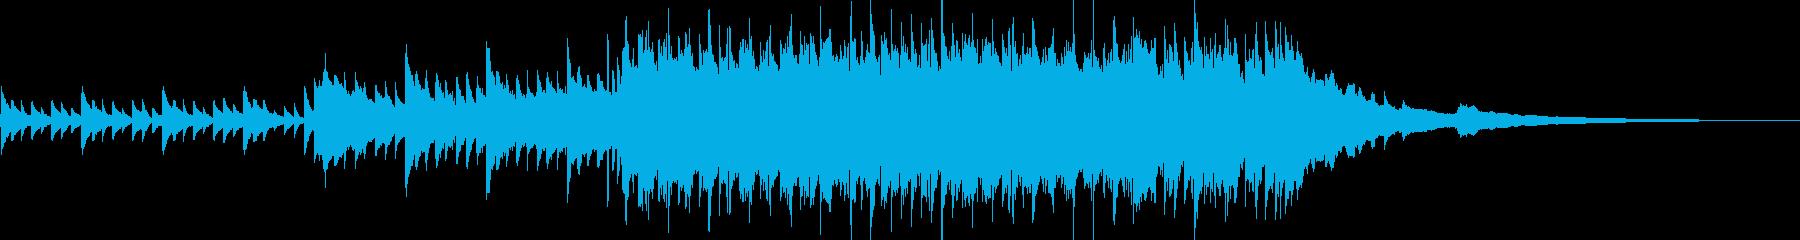 しっとりと切ないピアノのナンバーの再生済みの波形